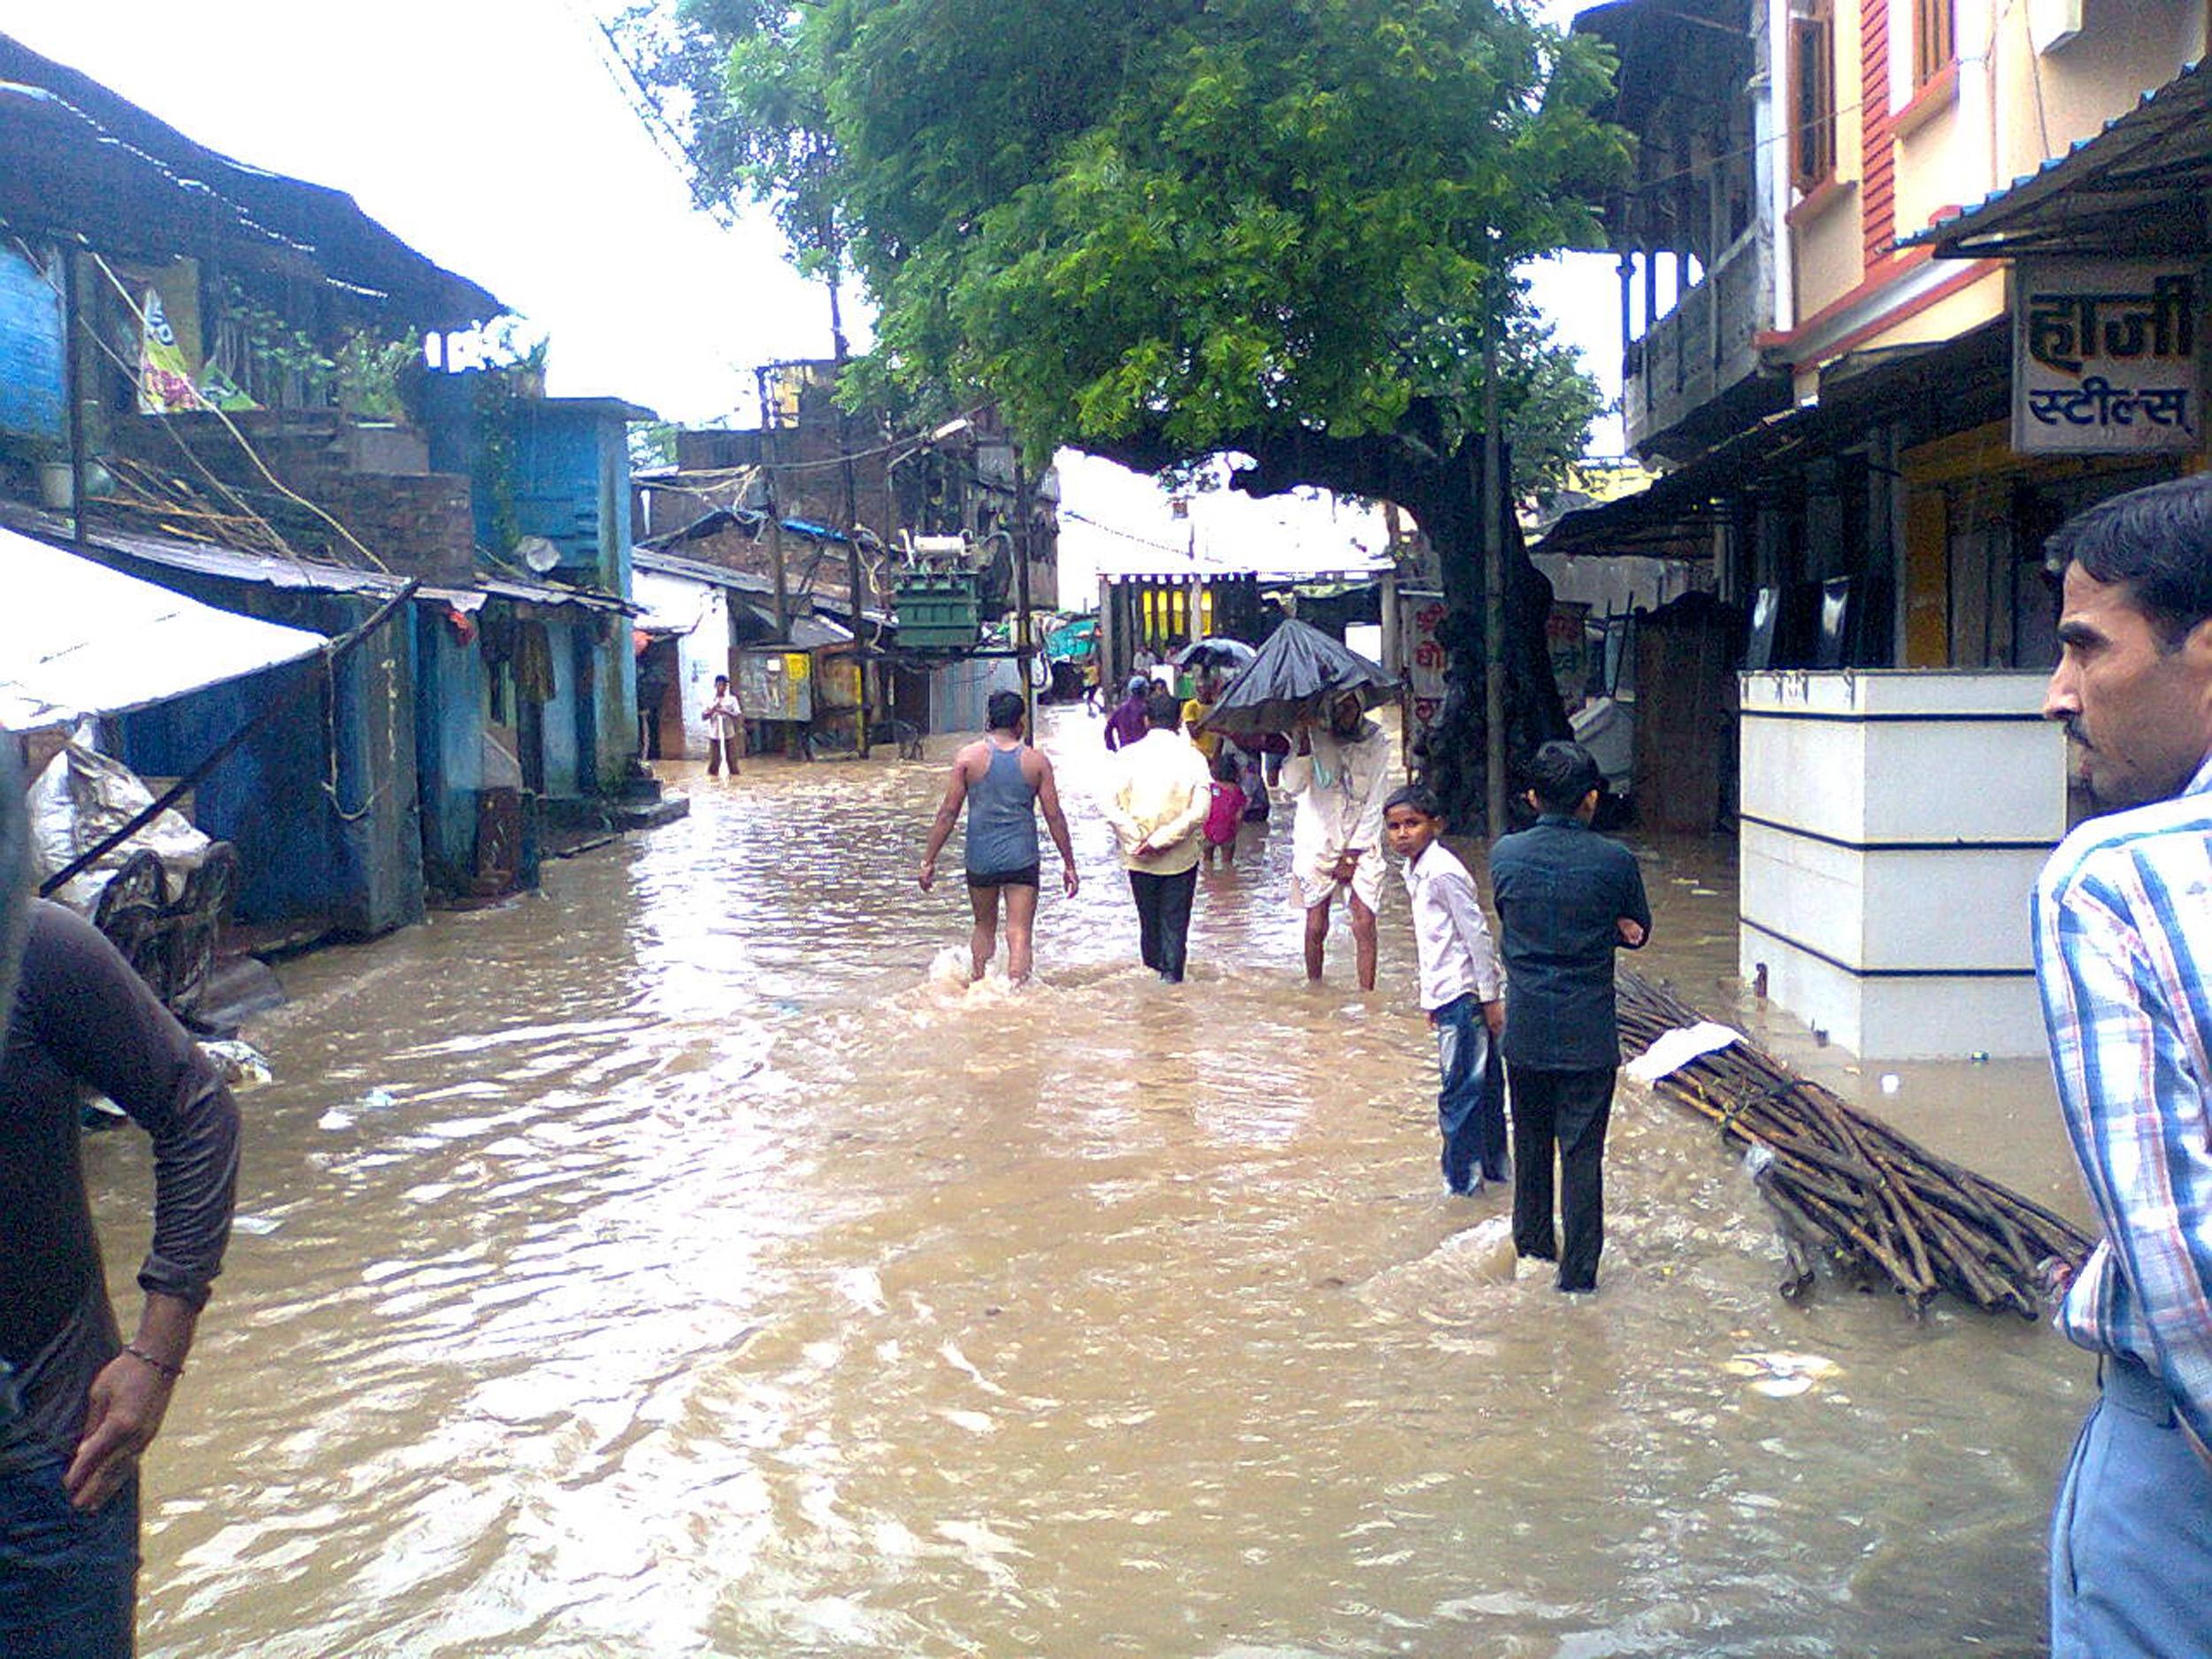 बांधों की वजह से भयानक होती बाढ़